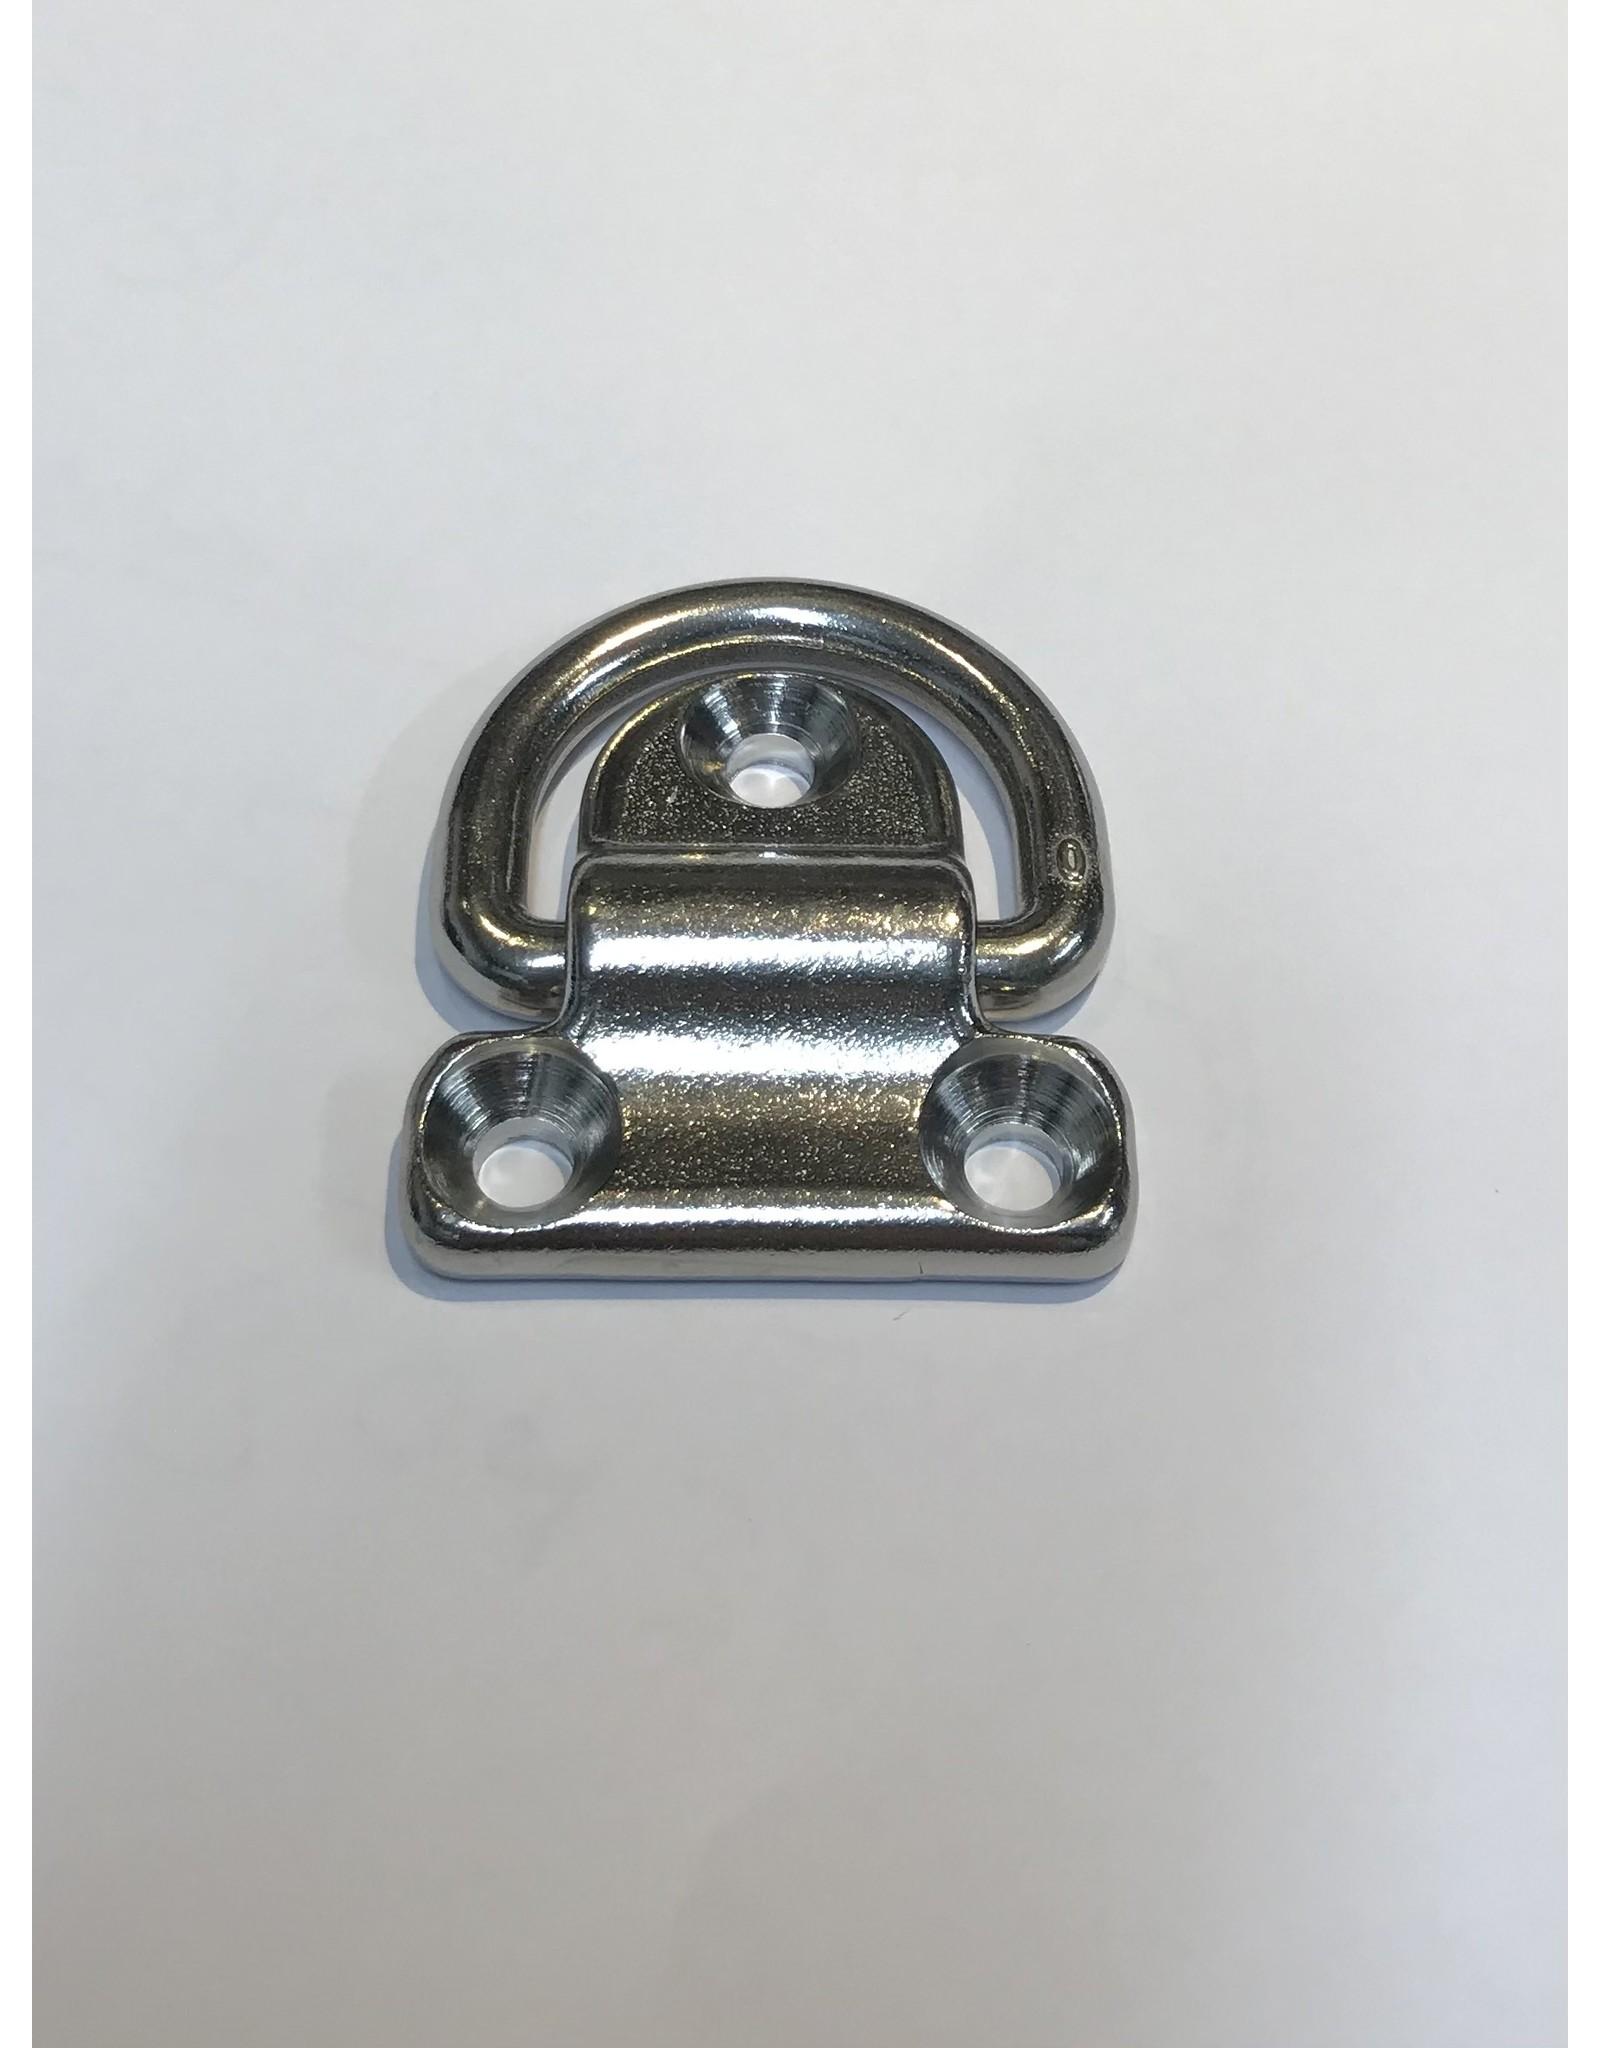 Osculati 3-hole foldable ring AISI316